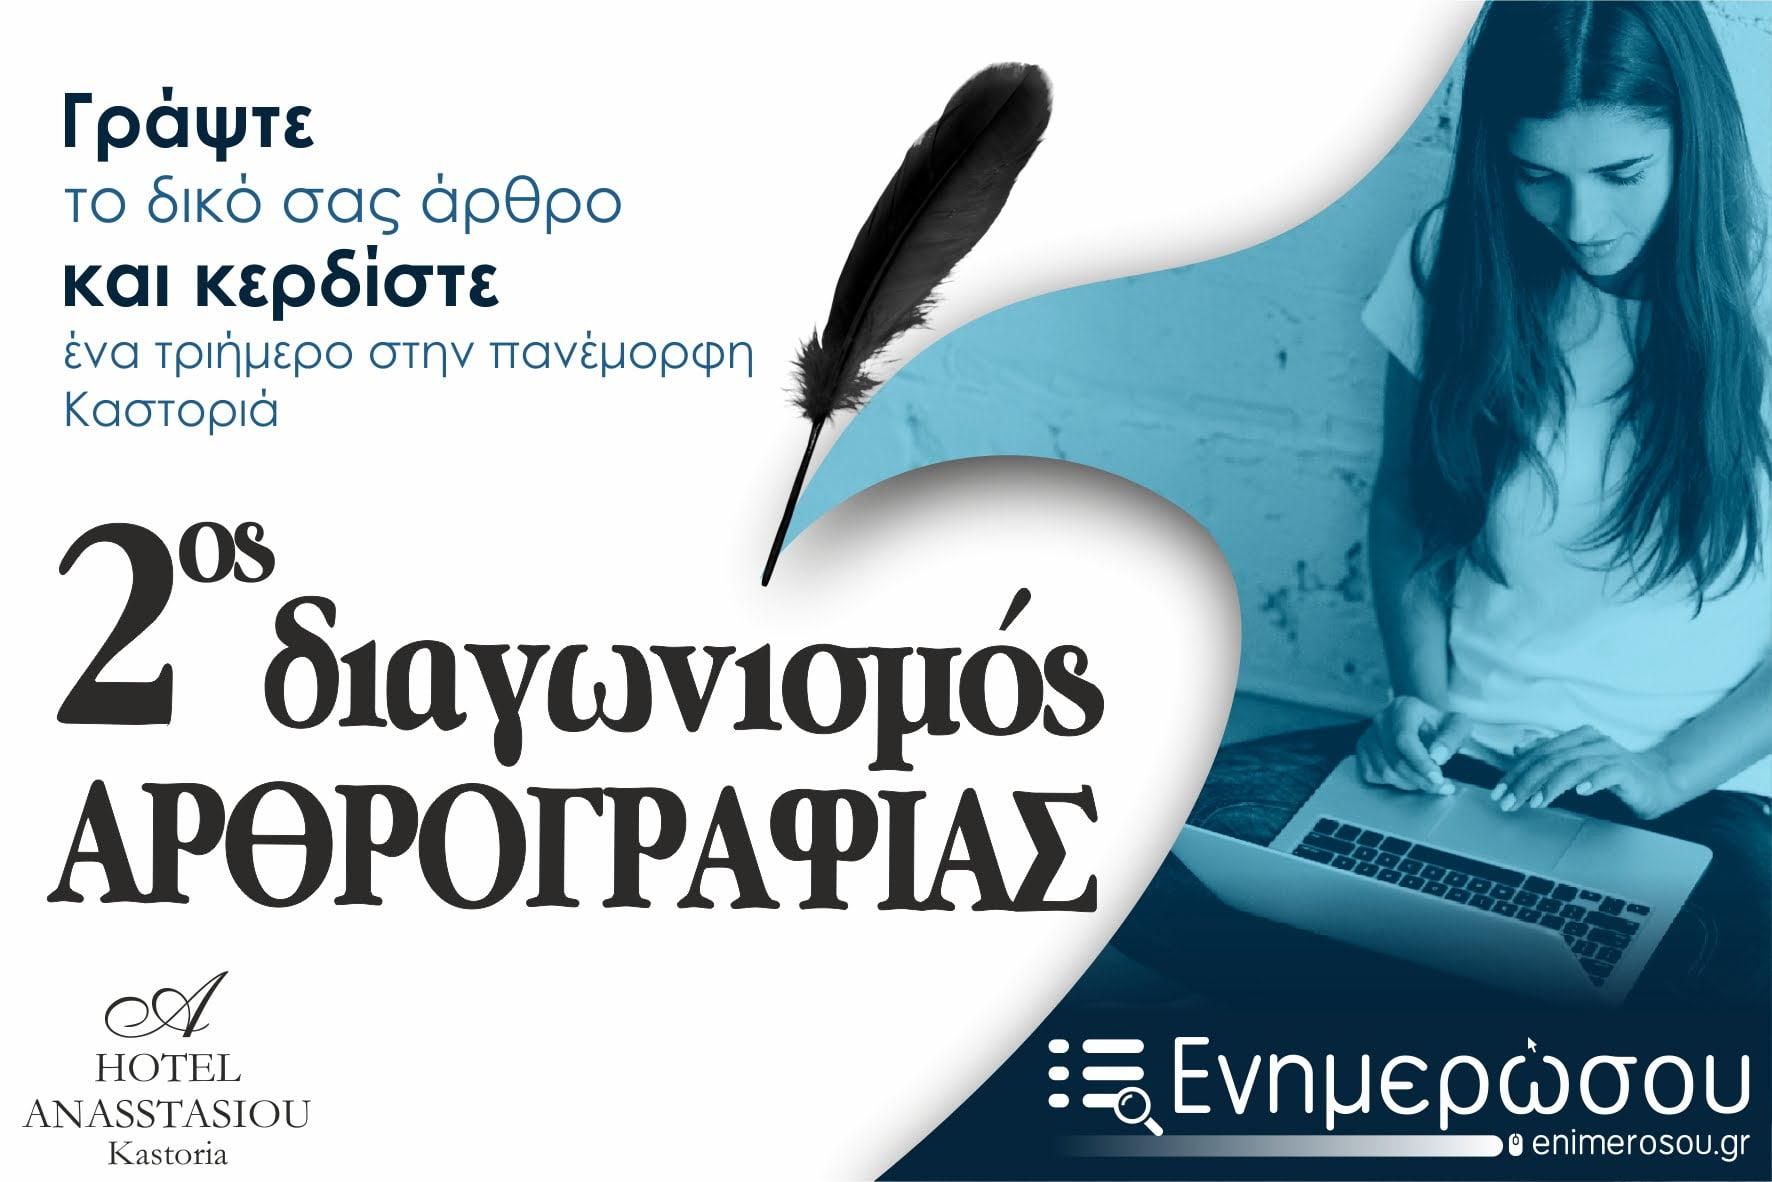 Στείλε το δικό σου άρθρο και κέρδισε ένα τριήμερο στο Hotel Anastassiou στη μαγευτική Καστοριά.